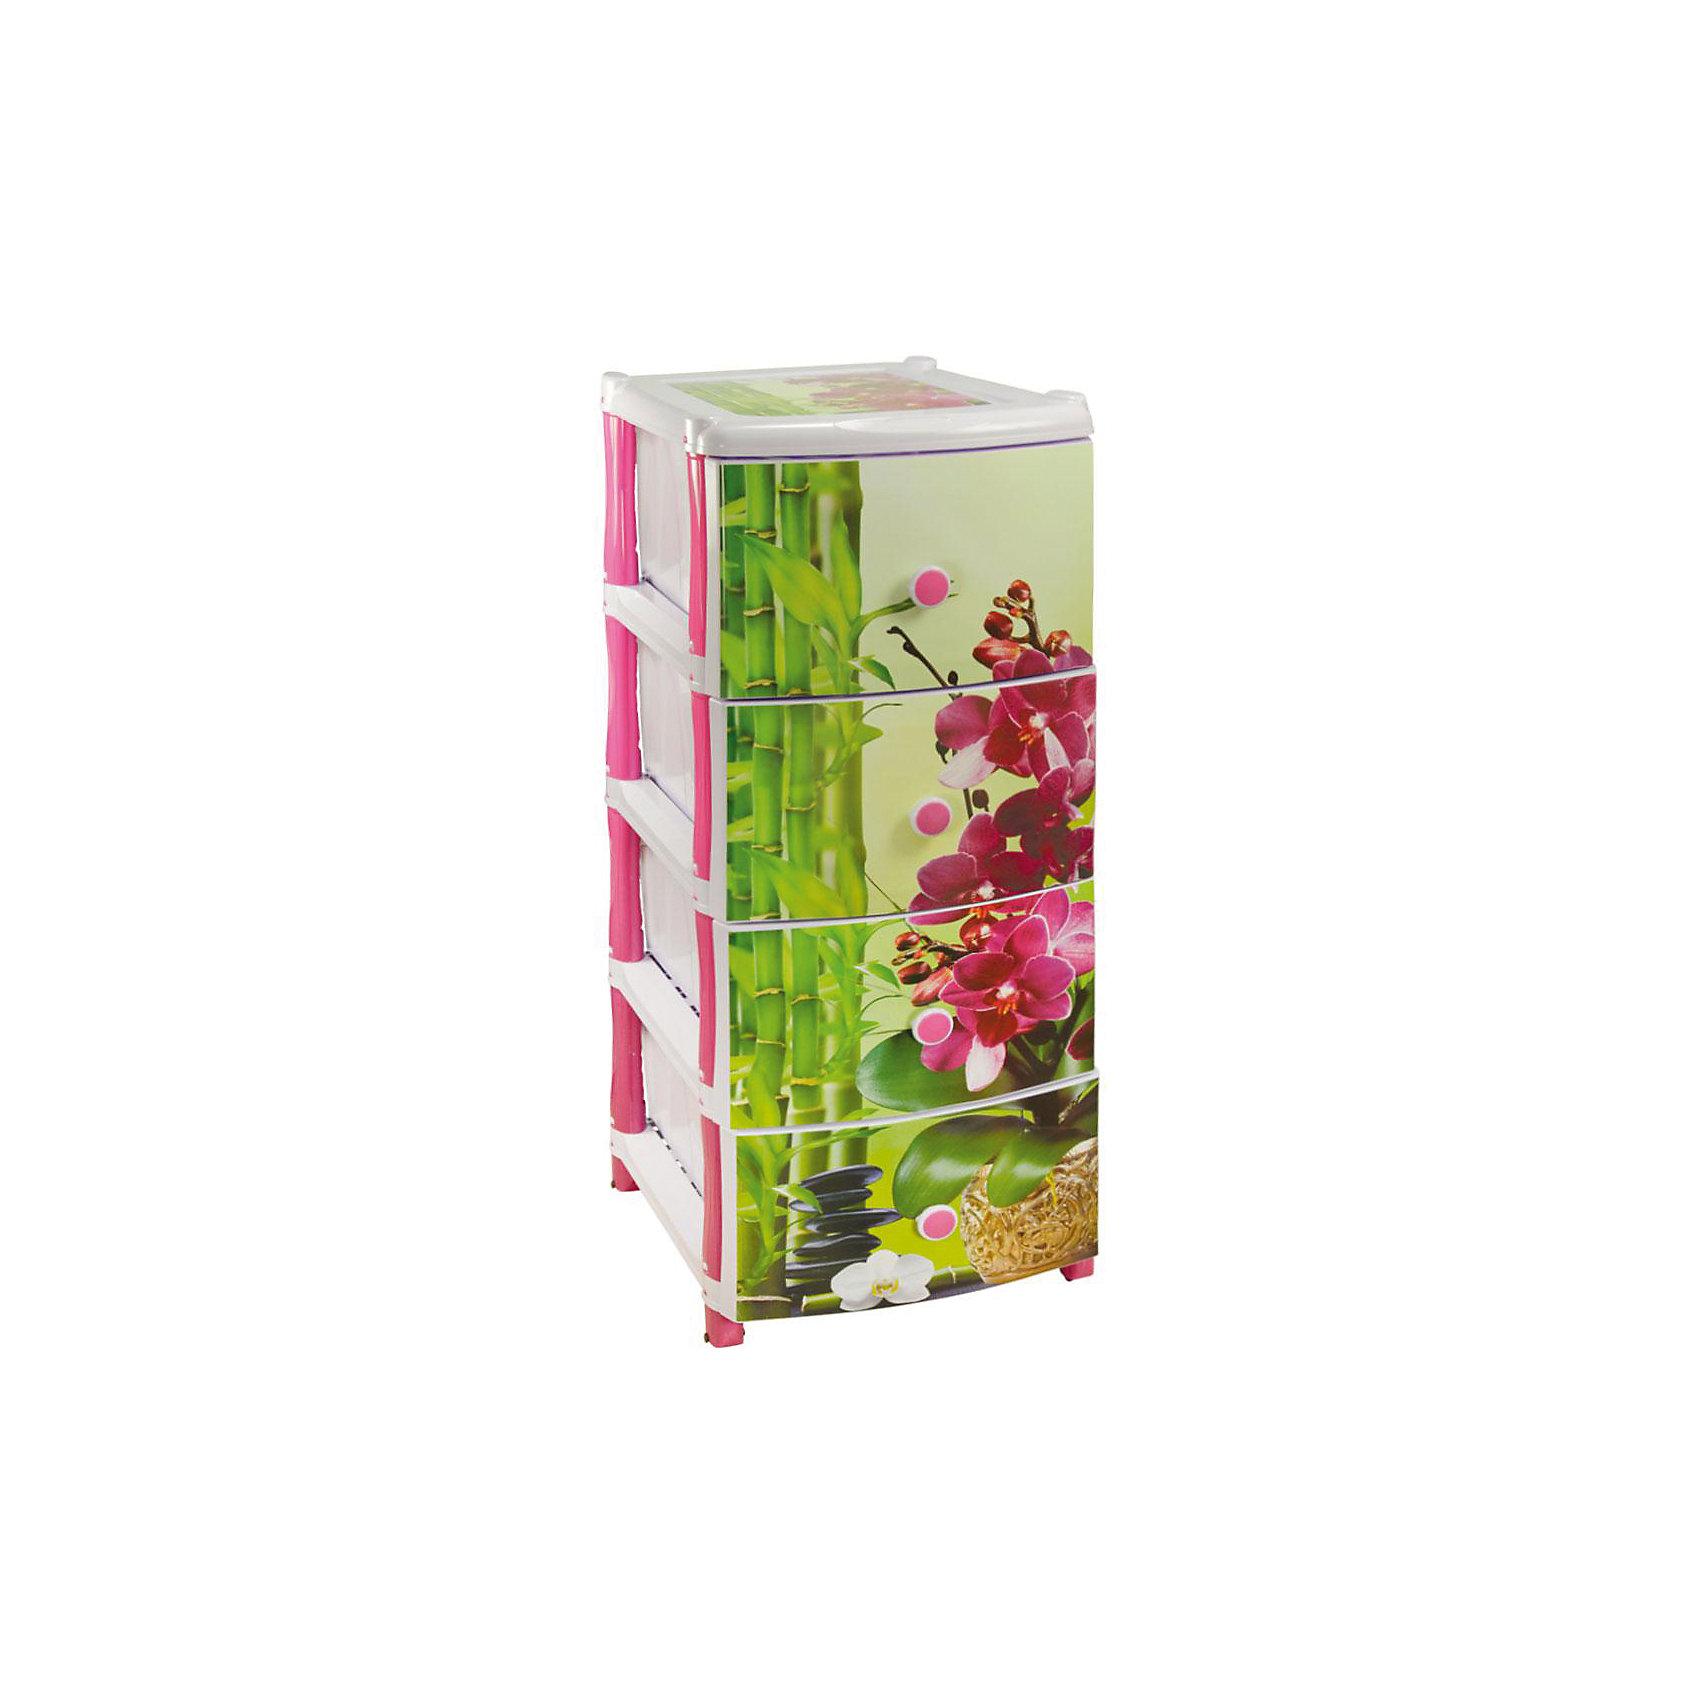 Комод Орхидея 4-х секционный, AlternativaМебель<br>Характеристики:<br><br>• Предназначение: для кухни, для ванной, для детской<br>• Пол: для девочки<br>• Материал: пластик<br>• Цвет: розовый, зеленый<br>• Размер (Д*Ш*В):  50*39*98 см<br>• Вес: 5 кг 300 г<br>• Количество секций: 4 шт.<br>• Тип ящиков: выдвижные, с круглыми ручками<br>• В комплекте имеется инструкция по сборке<br>• Форма: прямоугольный<br>• Особенности ухода: разрешается мыть теплой водой<br><br>Комод Орхидея 4-х секционный, Alternativa изготовлен отечественным производителем ООО ЗПИ Альтернатива, который специализируется на выпуске широкого спектра изделий и предметов мебели из пластика. Комод выполнен из экологически безопасного материала, устойчивого к механическим повреждениям. Имеет компактный размер и повышенную вместимость за счет глубоких ящиков. Каркас комода устойчивый, ножки оснащены маленькими колесиками для удобства передвижения.  Ящики оформлены рисунком из стеблей бамбука и крупных цветов орхидеи. Комод Орхидея 4-х секционный, Alternativa станет не только полезным для хранения различных принадлежностей, но и ярким предметом интерьера. <br><br>Комод Орхидея 4-х секционный, Alternativa можно купить в нашем интернет-магазине.<br><br>Ширина мм: 500<br>Глубина мм: 390<br>Высота мм: 980<br>Вес г: 4641<br>Возраст от месяцев: 6<br>Возраст до месяцев: 84<br>Пол: Женский<br>Возраст: Детский<br>SKU: 5096525